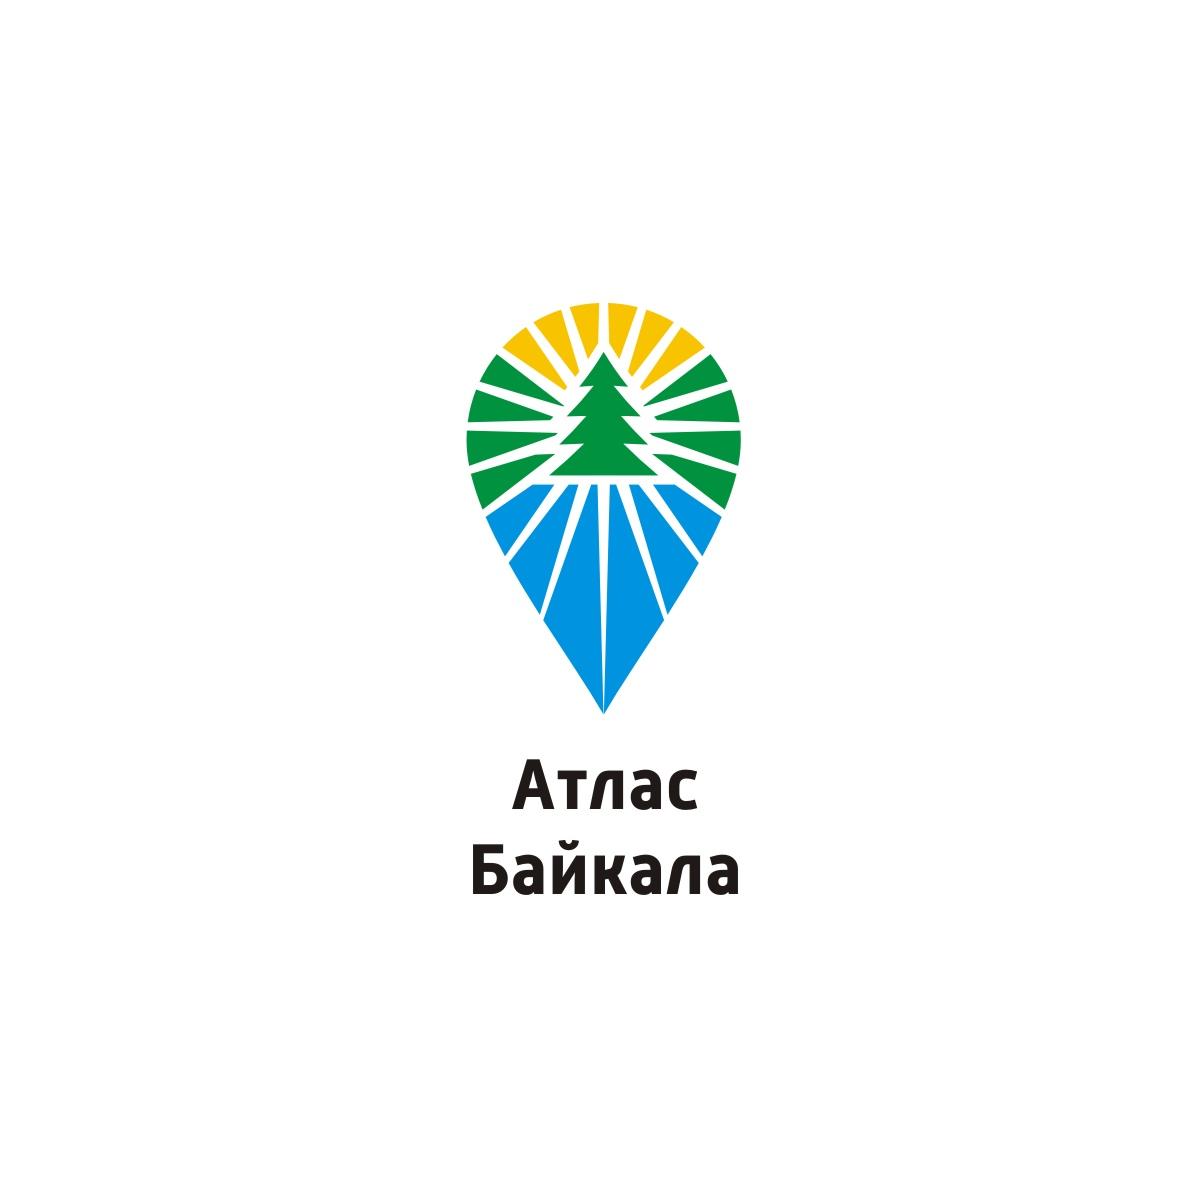 Разработка логотипа Атлас Байкала фото f_2575b19261e2739e.jpg